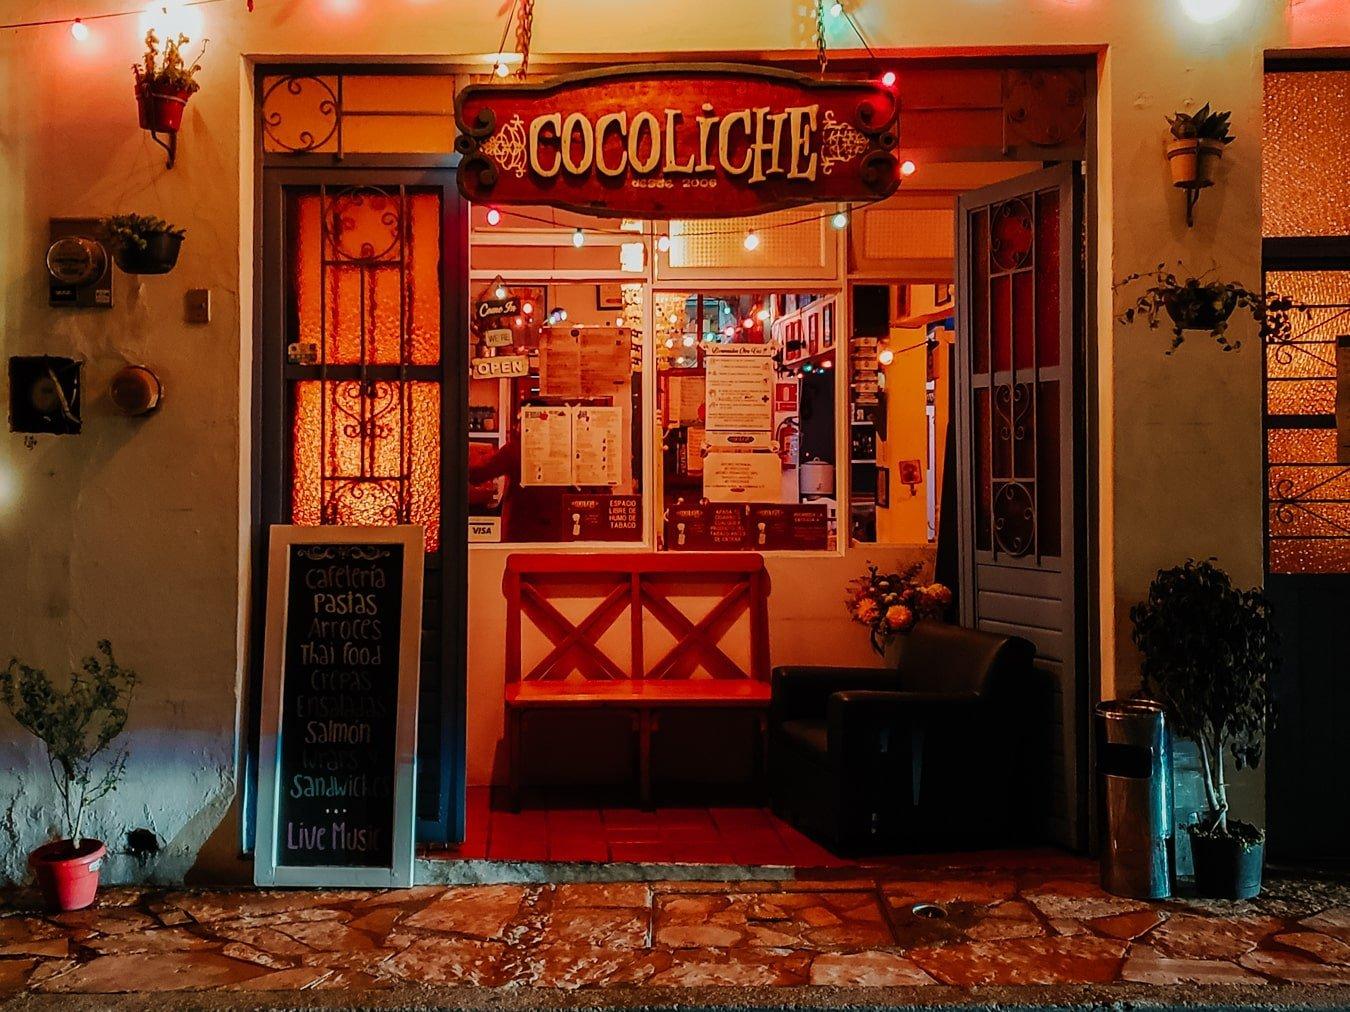 entrance of Cocoliche restaurant in san cristobal de las casas